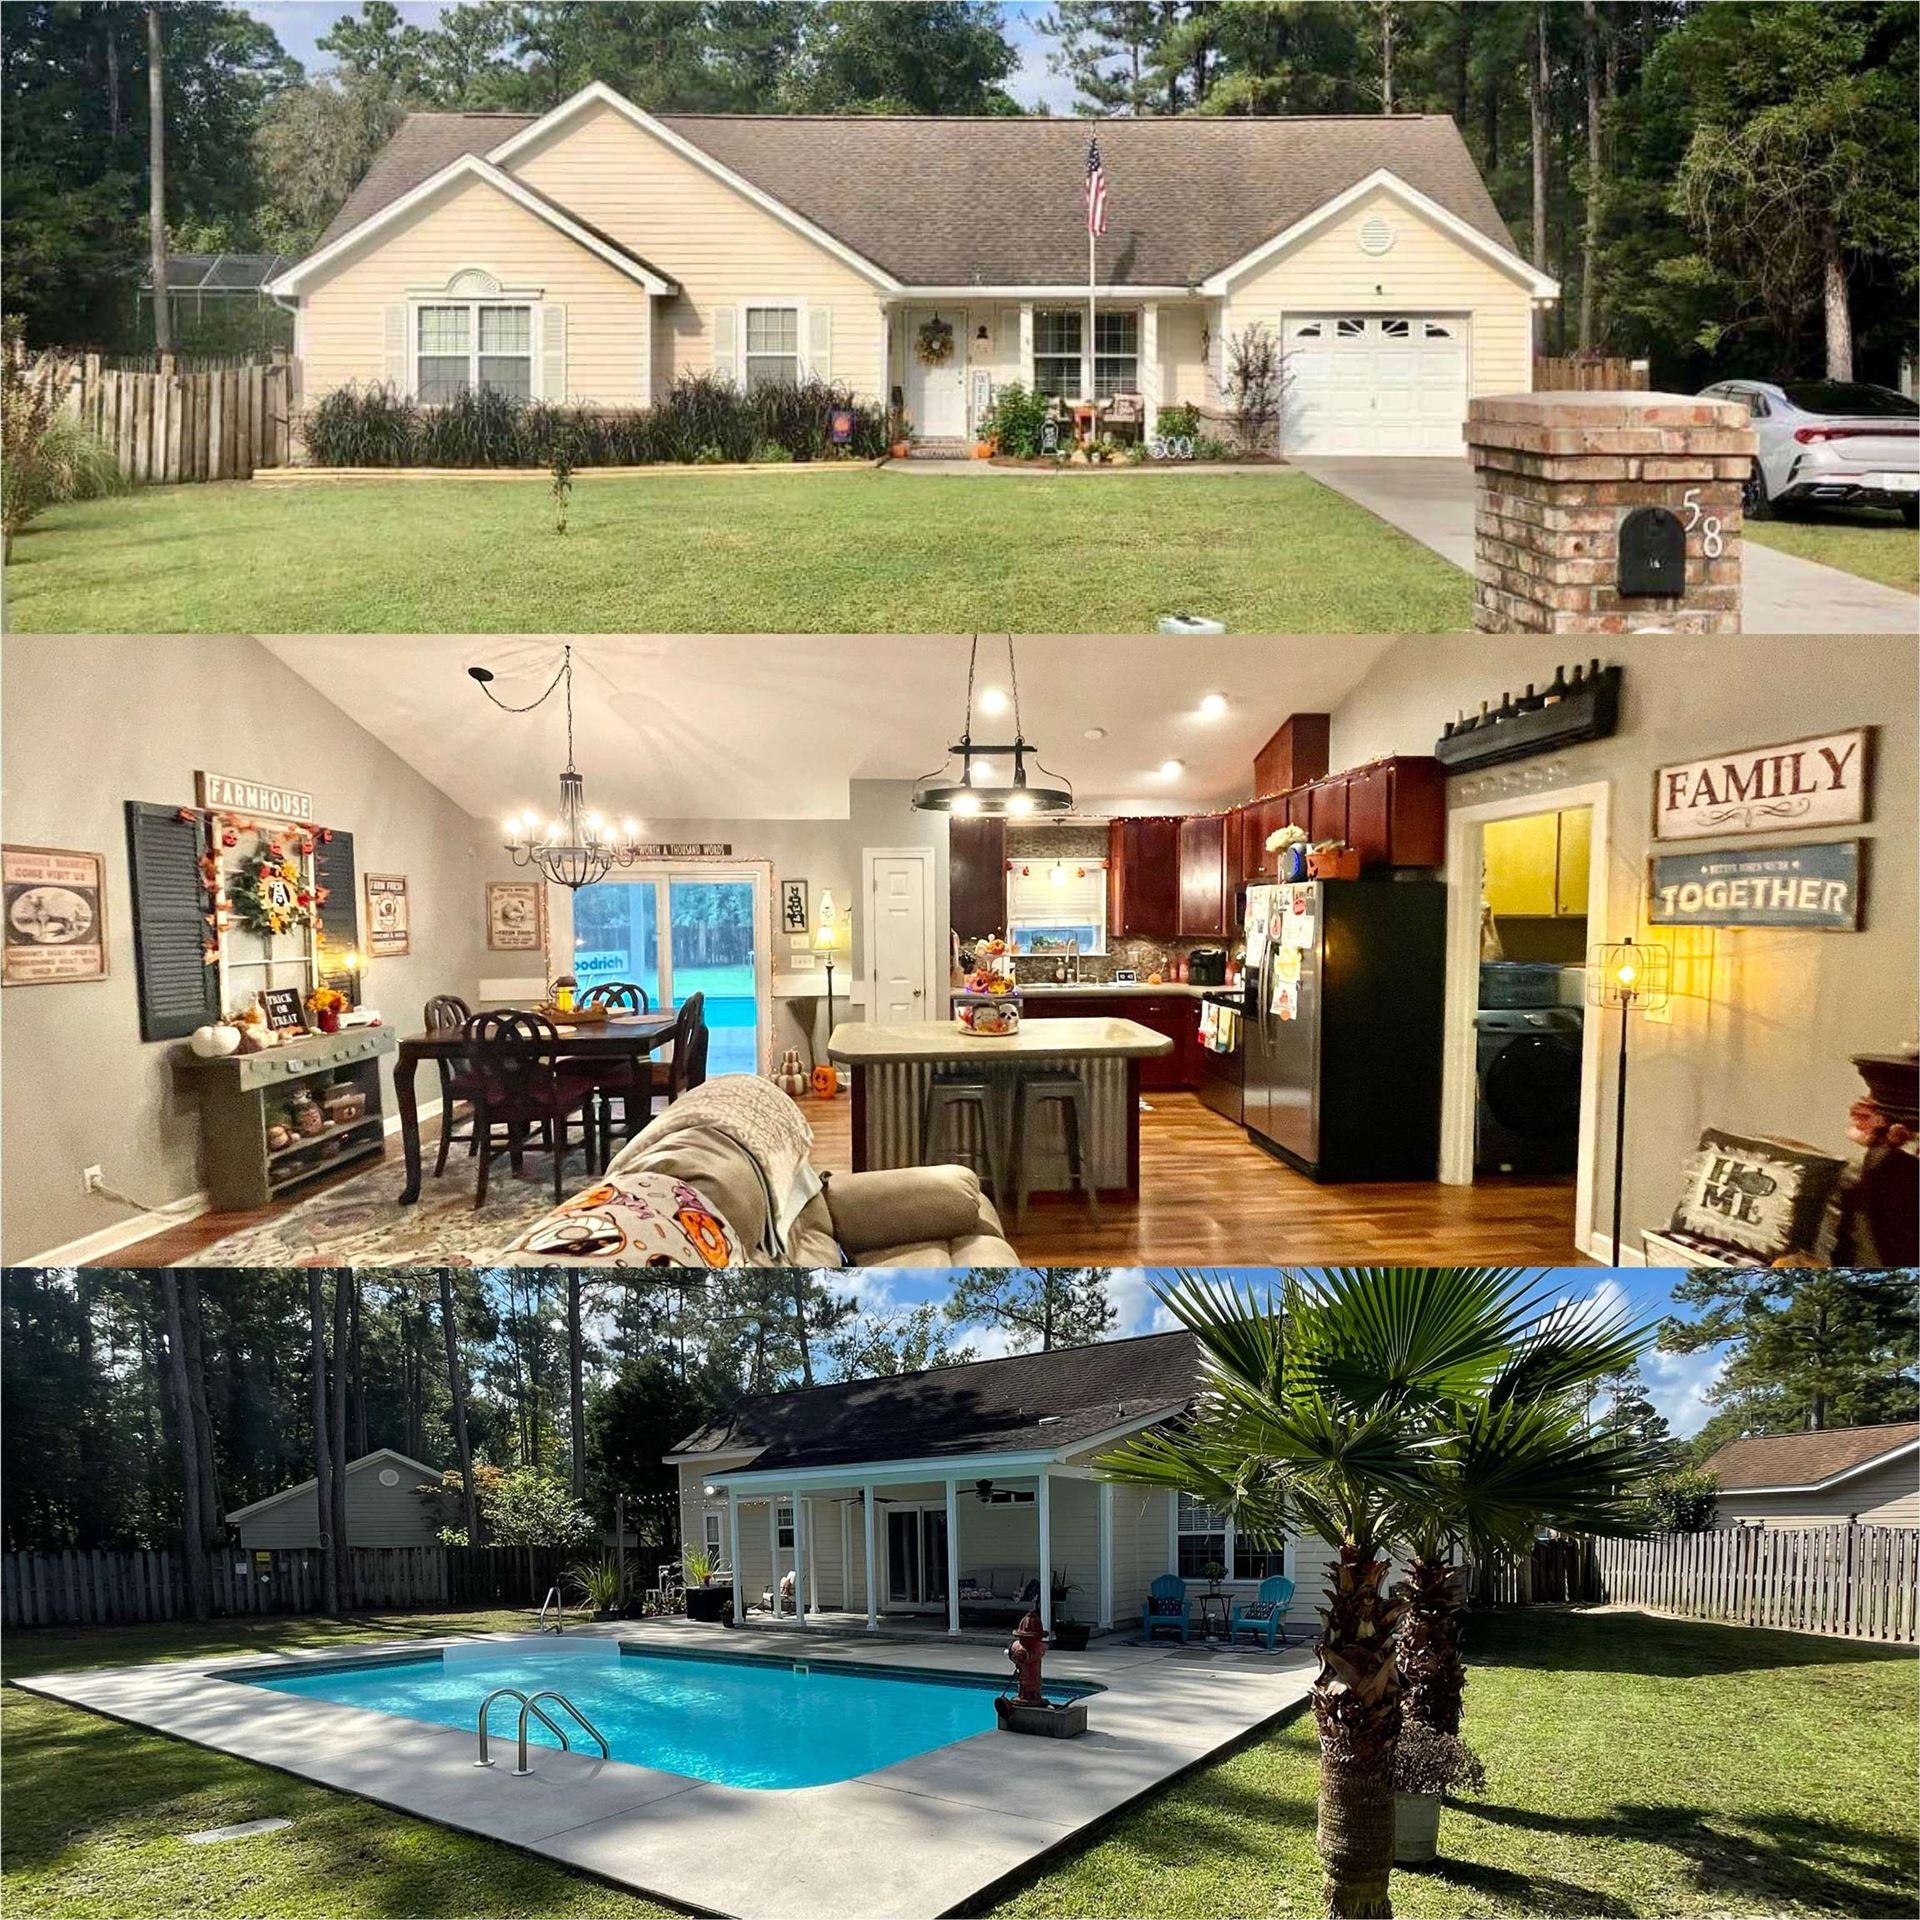 58 Goldfinch Way, Crawfordville, FL 32327 - MLS#: 338169